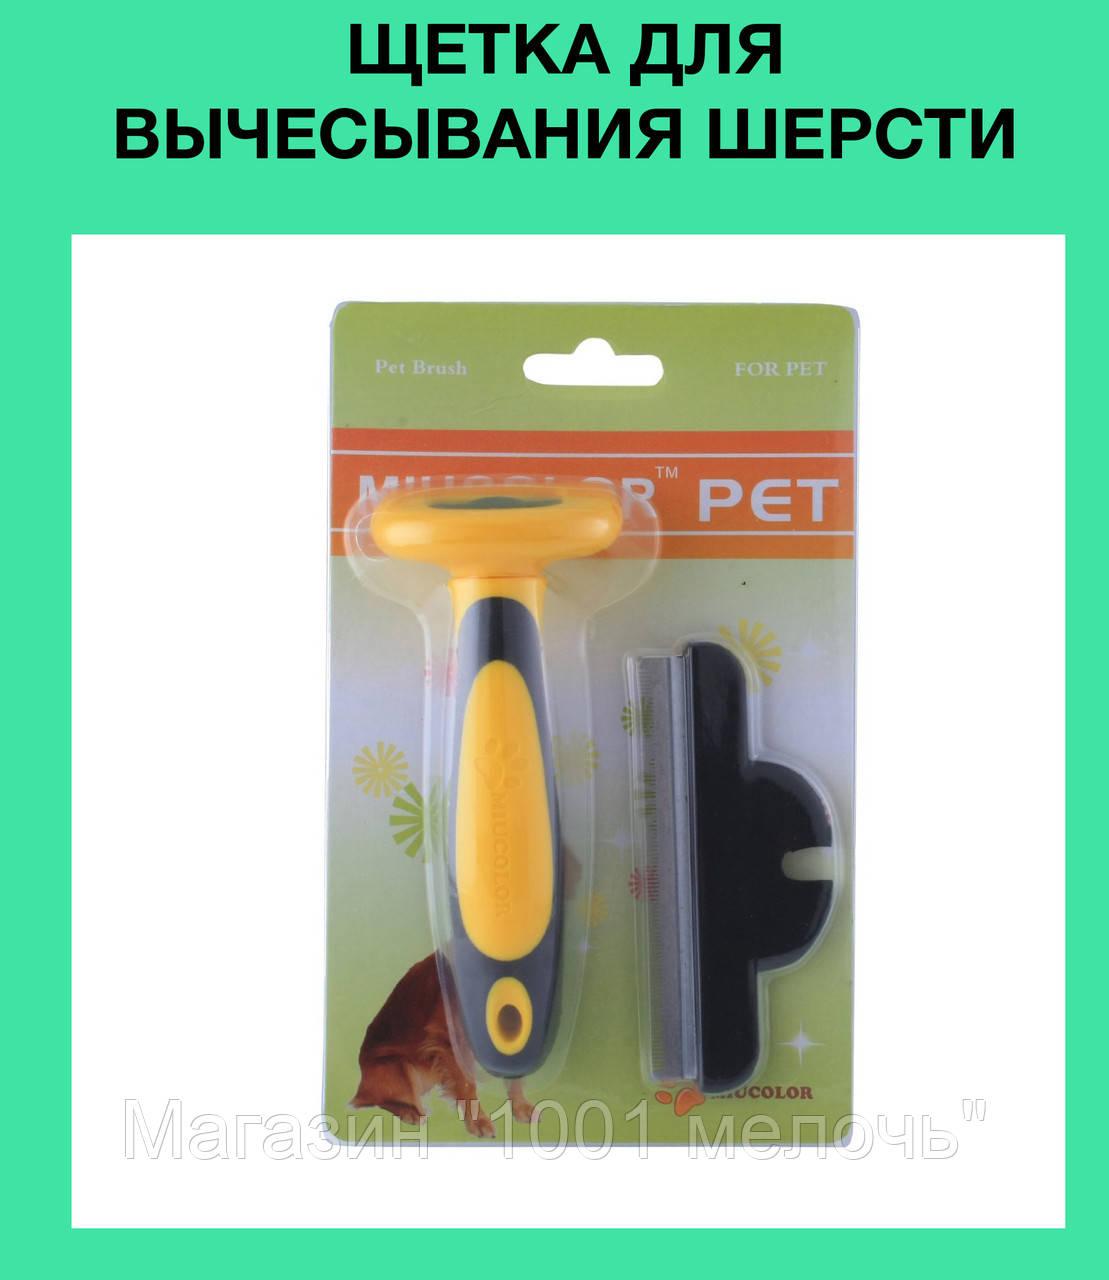 """Pet Care 4inch щетка для вычесывания шерсти у животных!Опт - Магазин """"1001 мелочь"""" в Кривом Роге"""